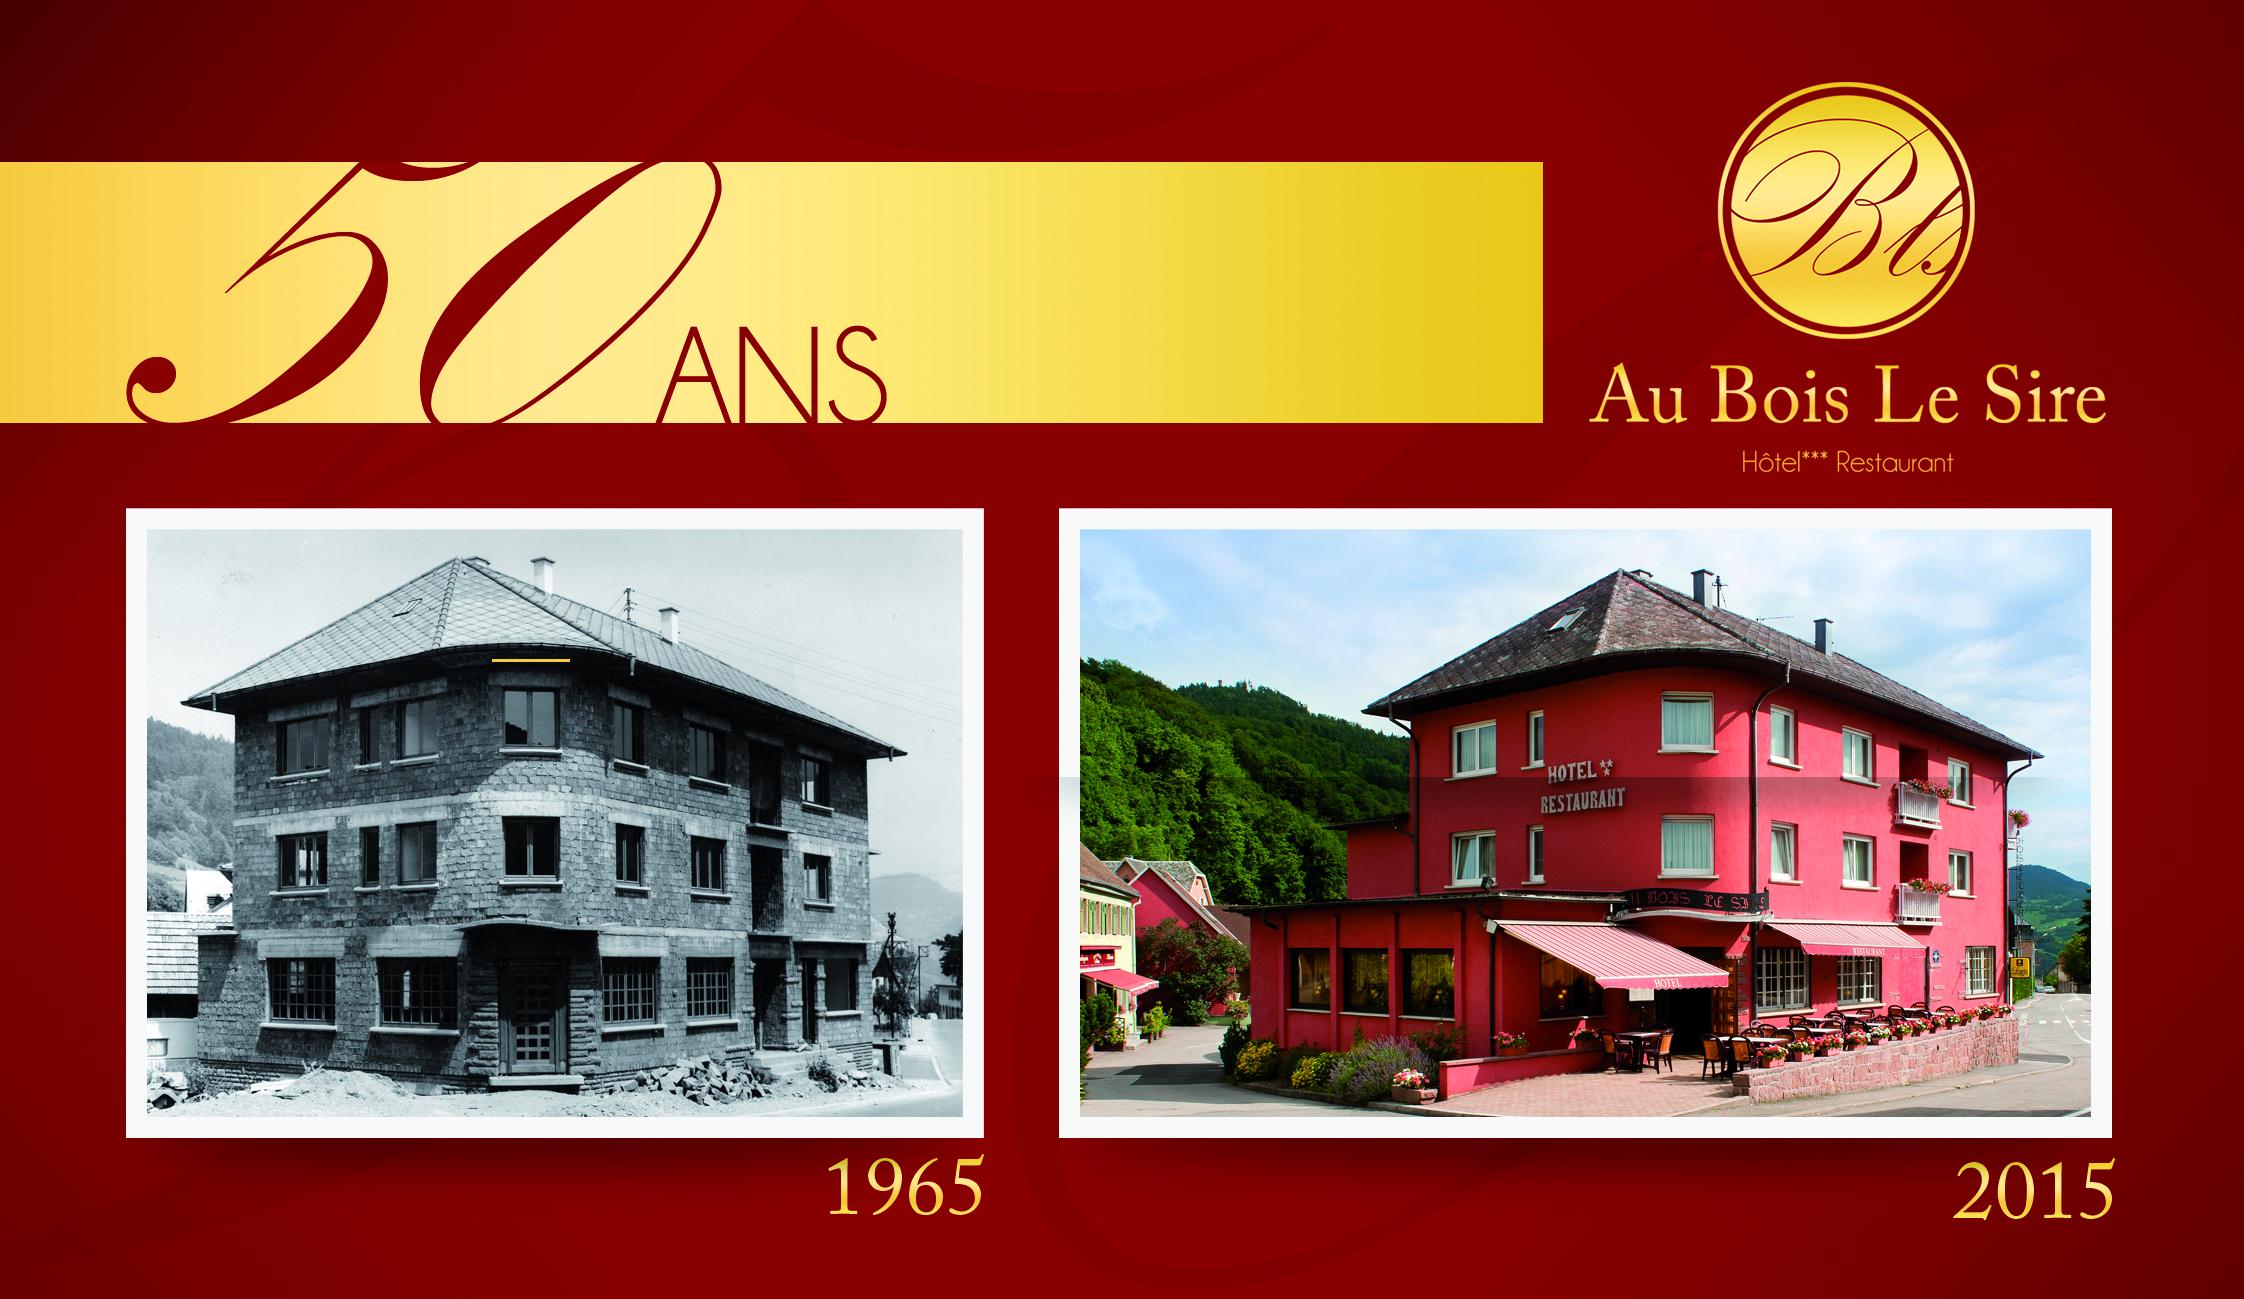 Hotel Au Bois Le Sire - L u2019établissement familial Au Bois le Sire f u00eate ses 50 ans ! Chefs d'Alsace